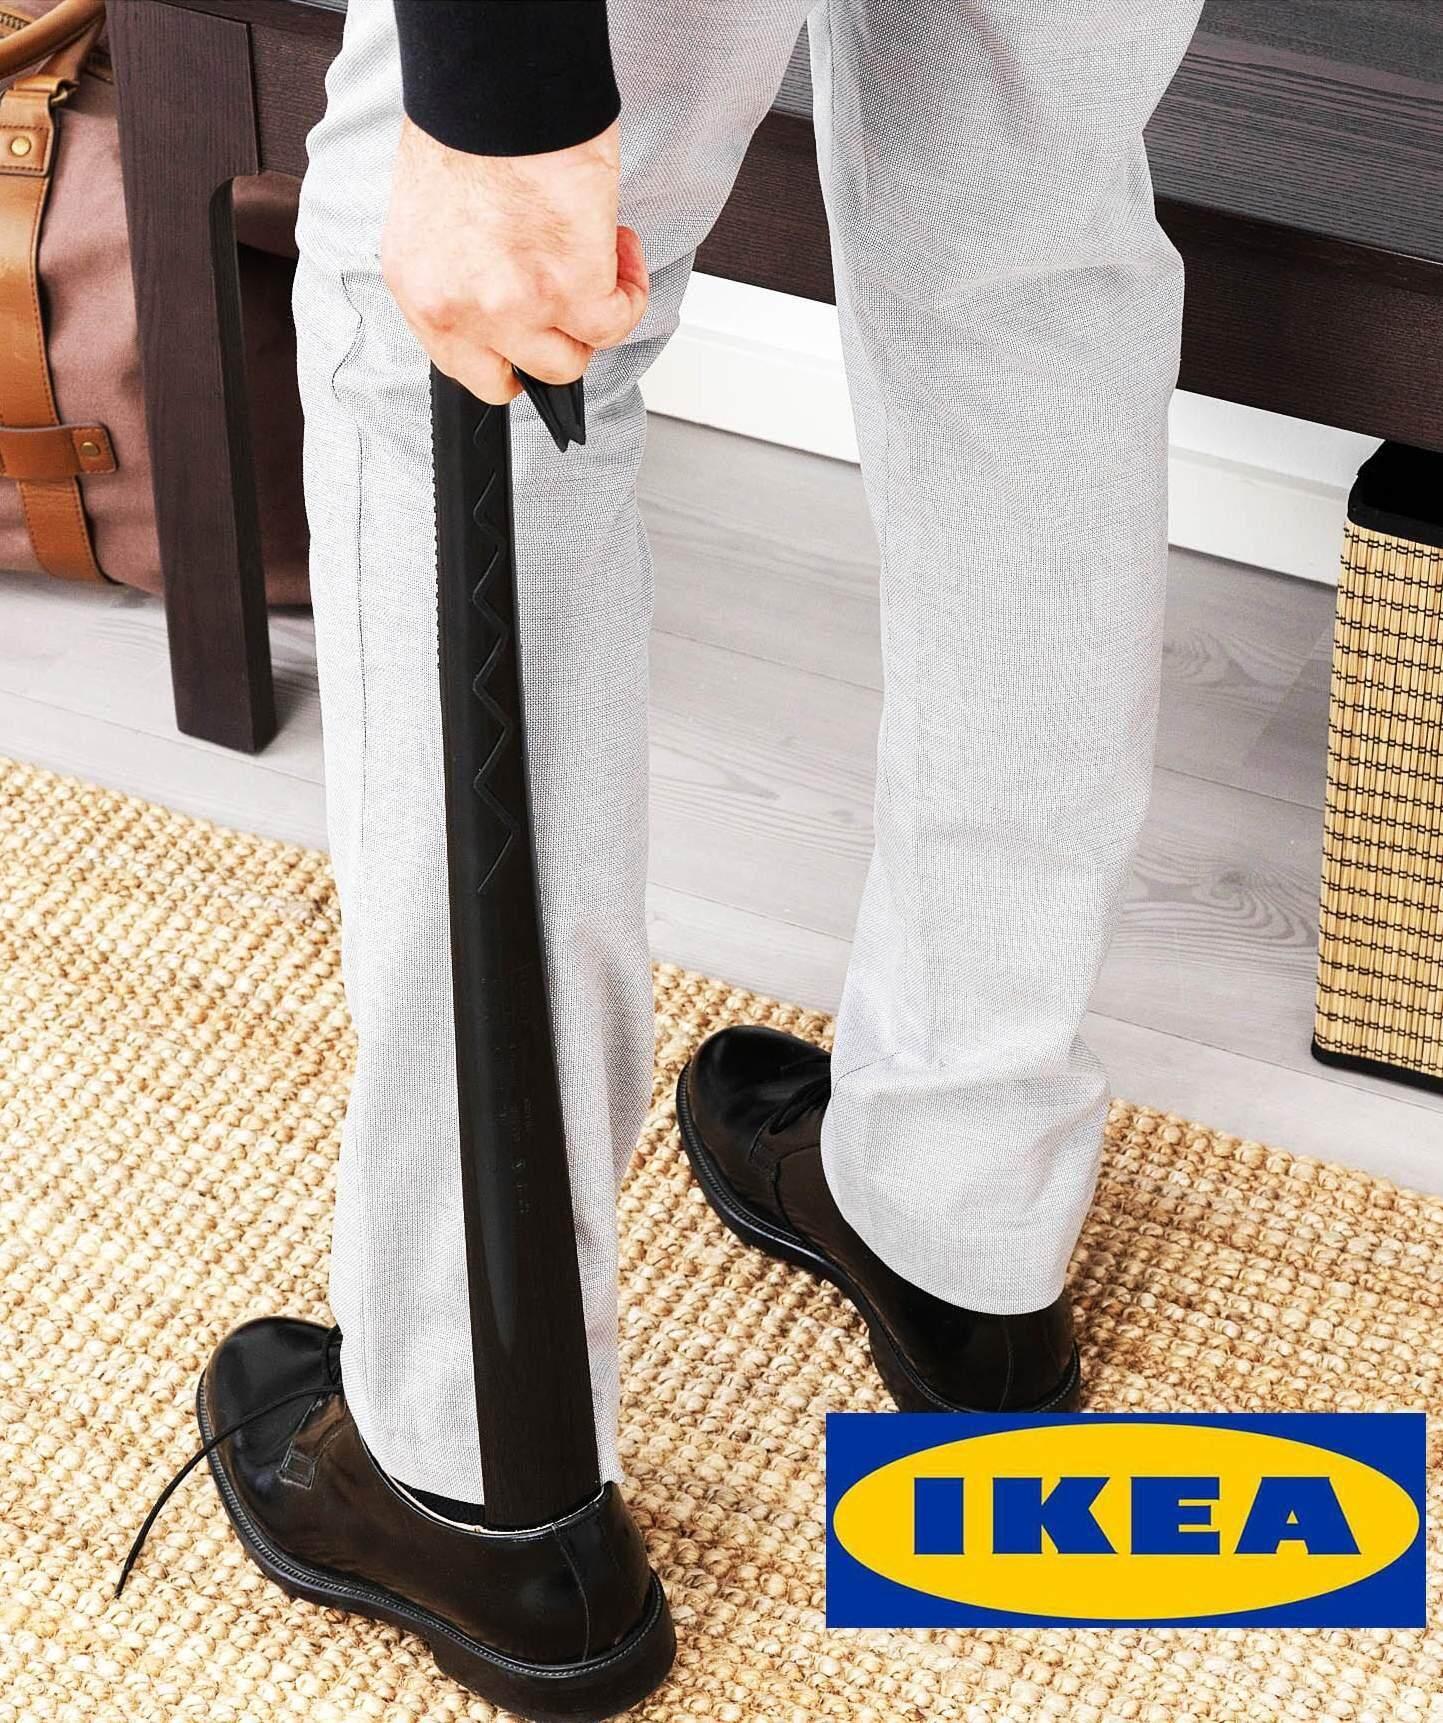 IKEA OMSORG ที่ช้อนรองเท้า ใส่รองเท้าไม่ต้องก้มให้เมื่อย